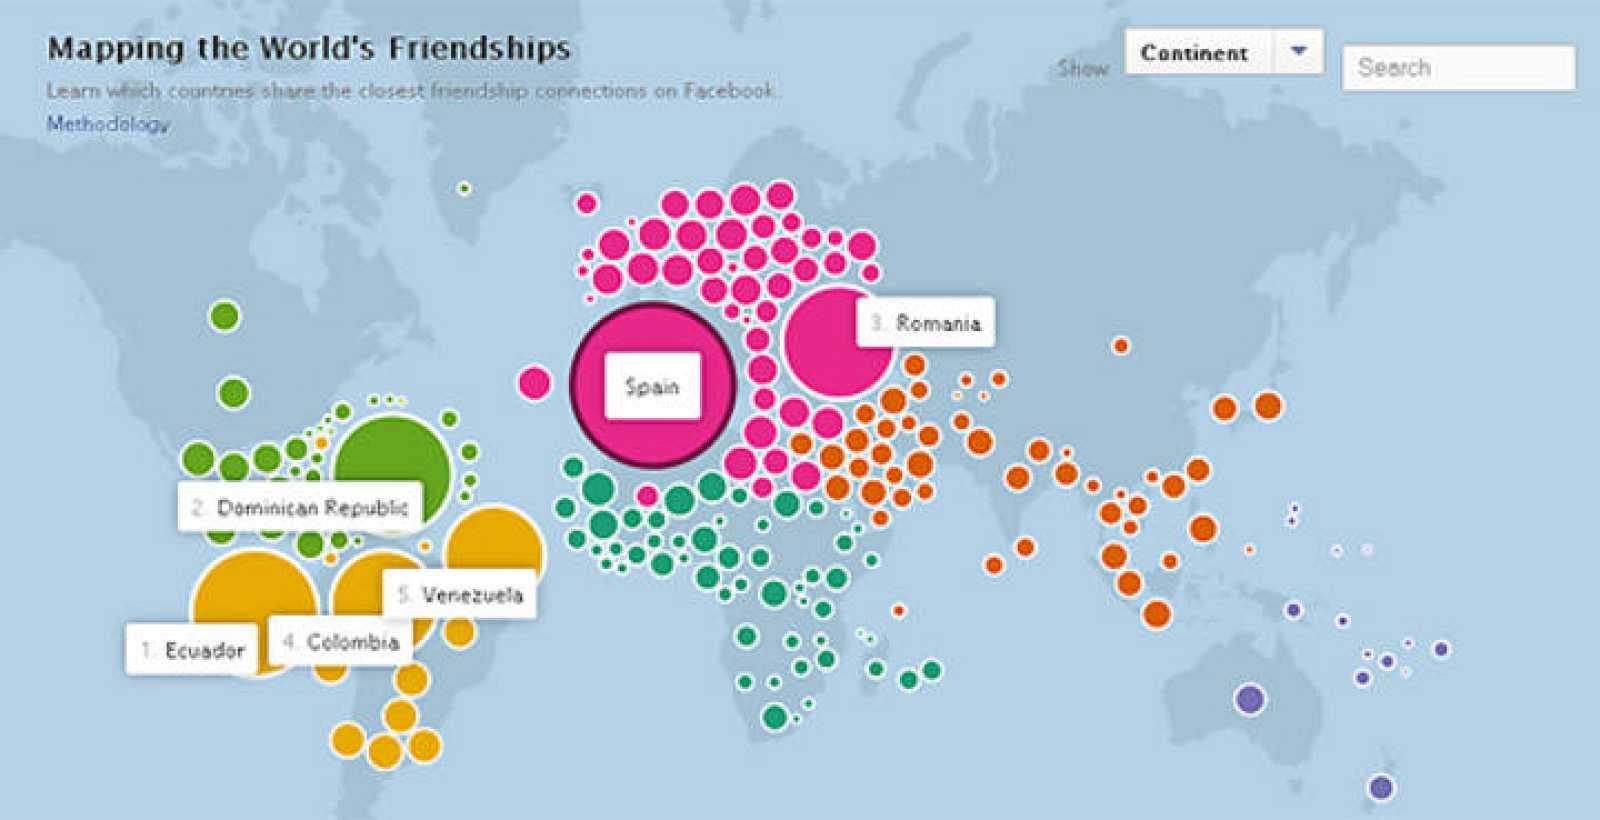 Facebook lanza el mapa de las amistades 'on-line' a través de su red social